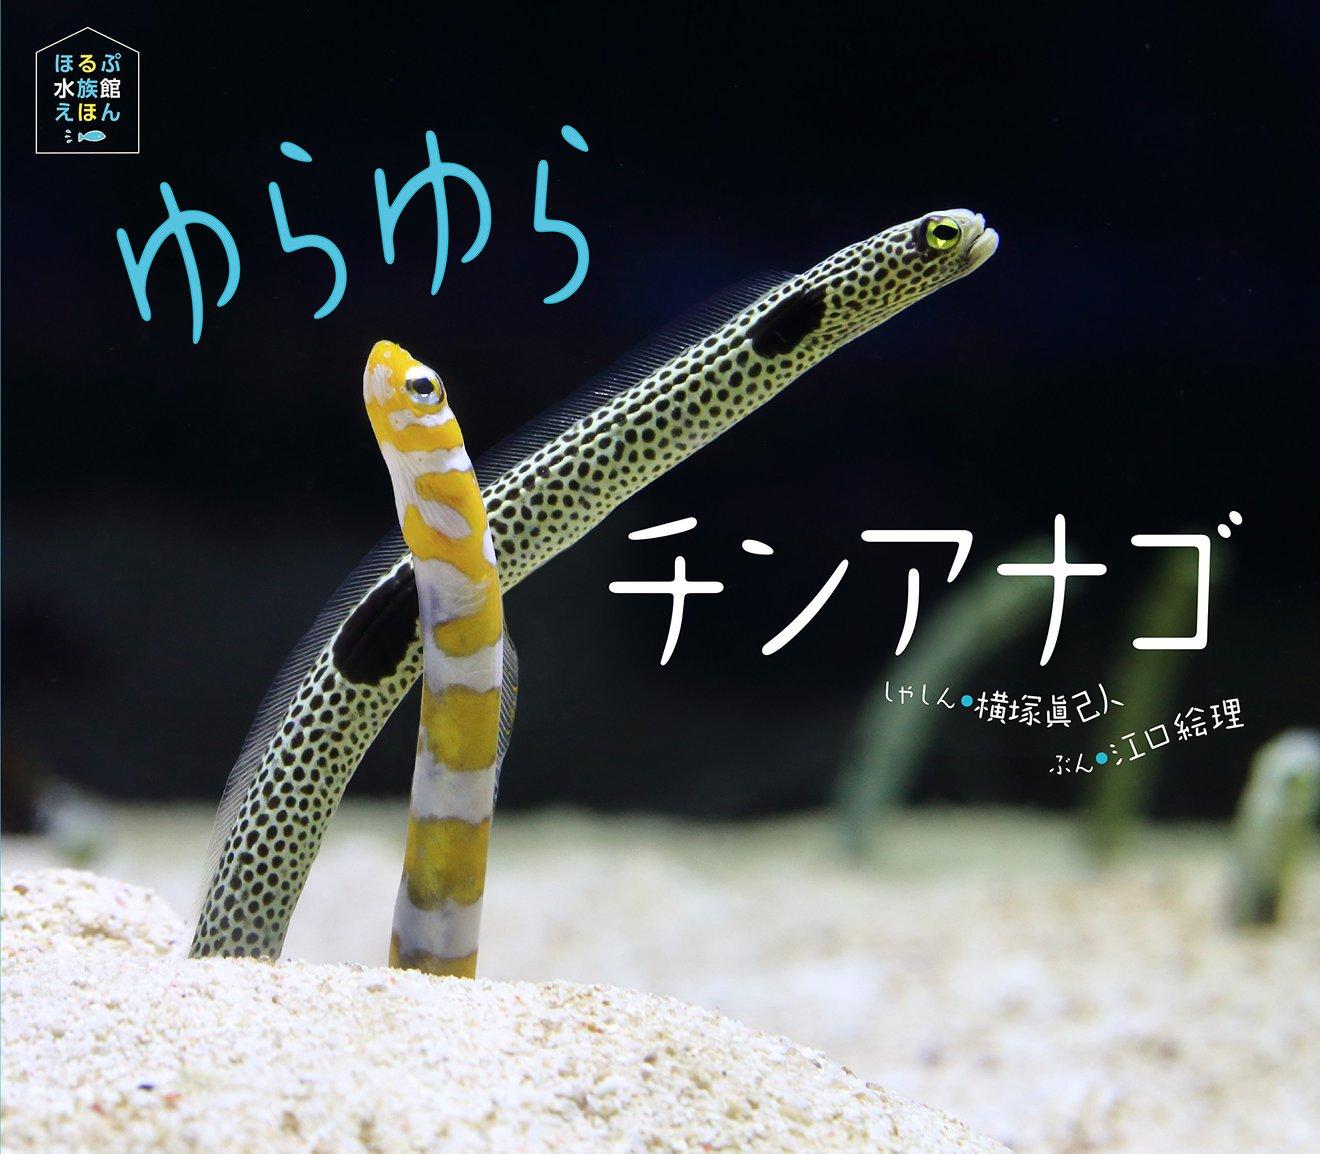 珍しすぎるチンアナゴの生態は?種類ごとの全長や、名前の由来も解説!